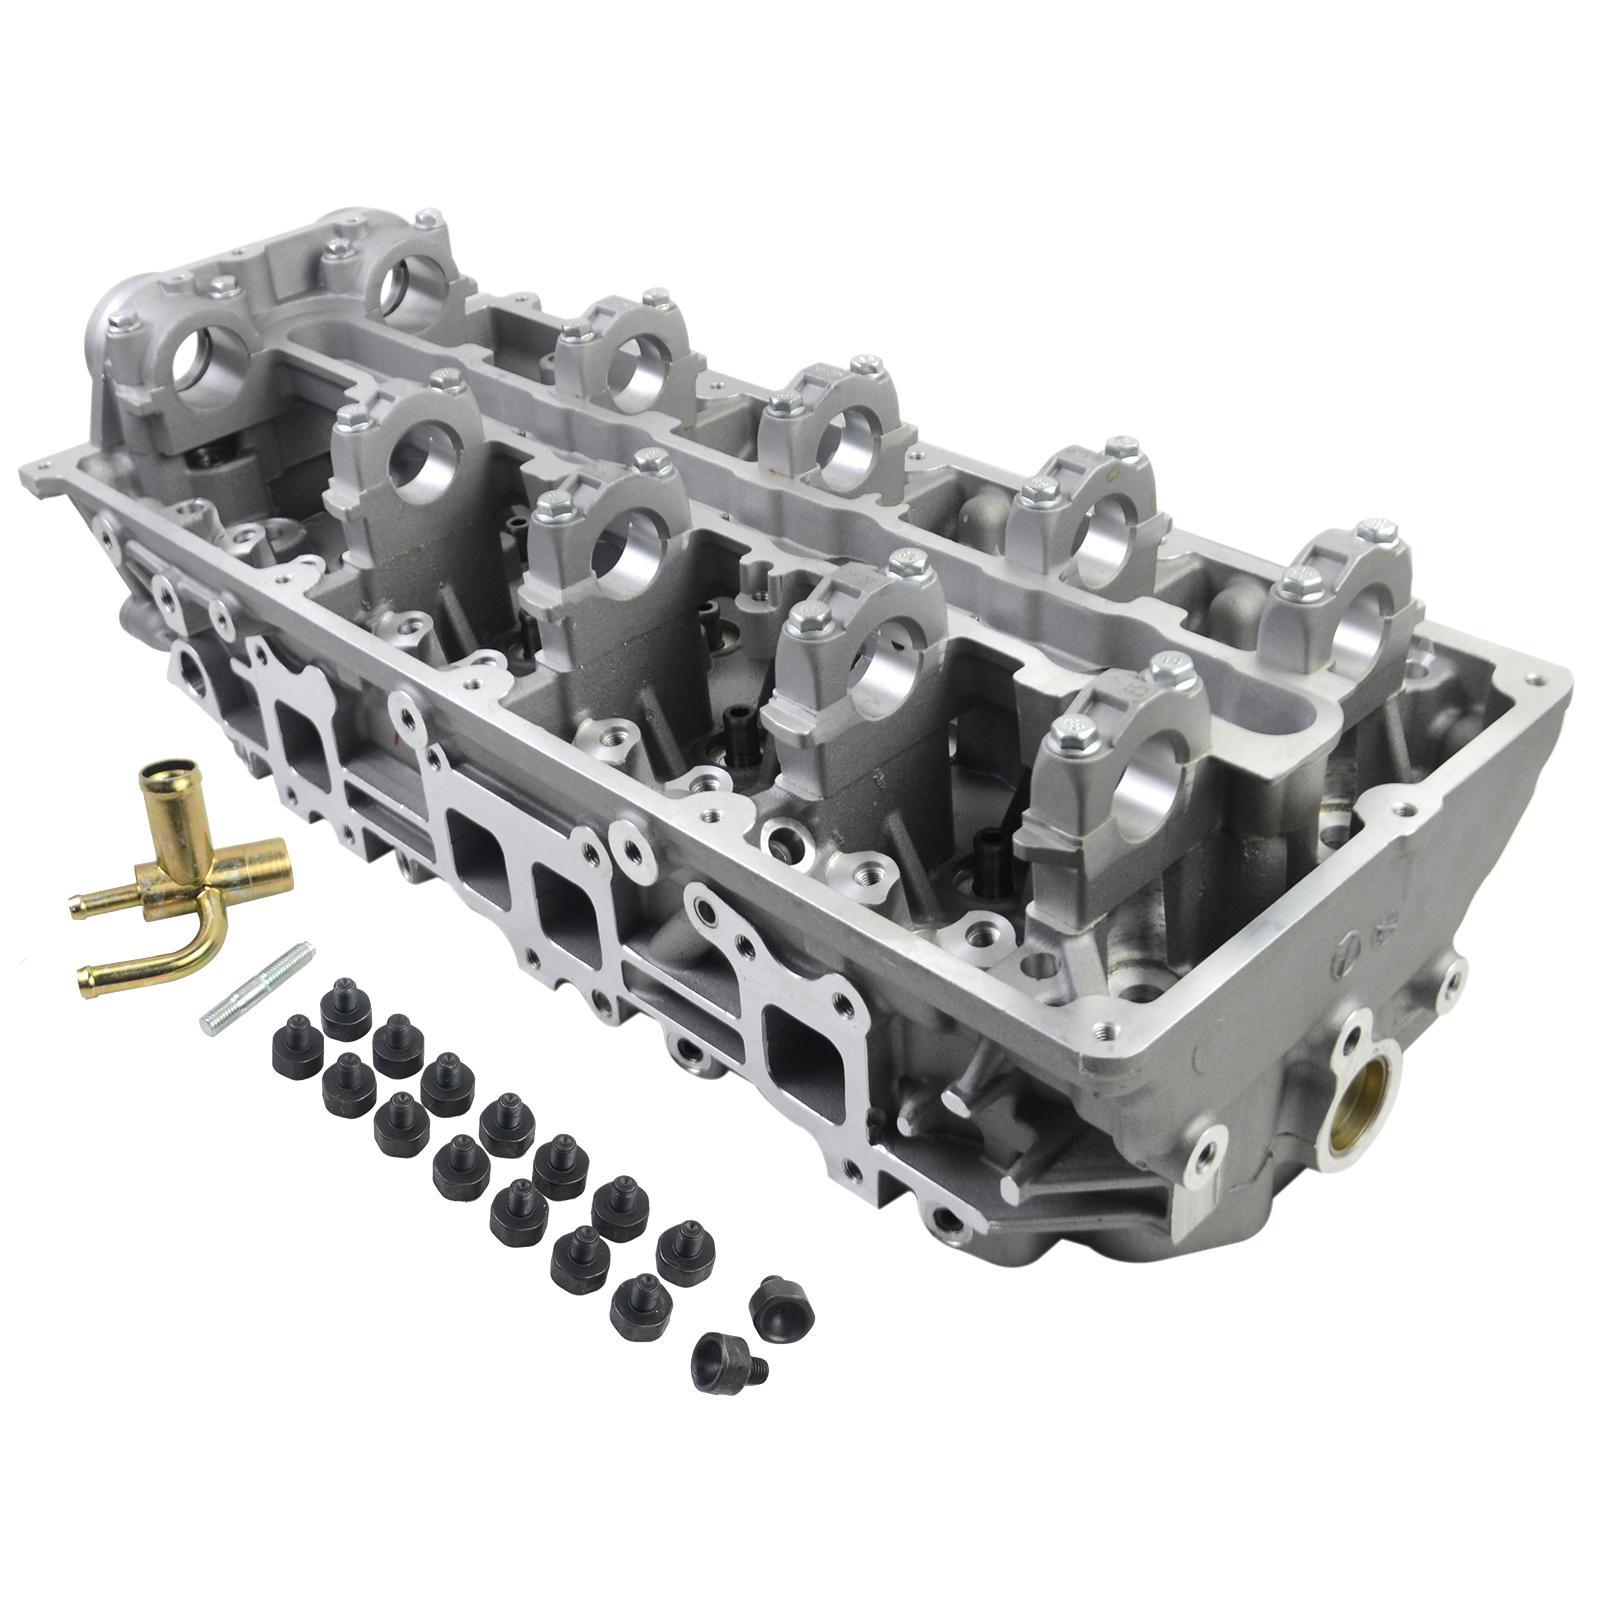 Culata de cilindro AP03 4986980 para Ford Ranger, para Mazda BT50